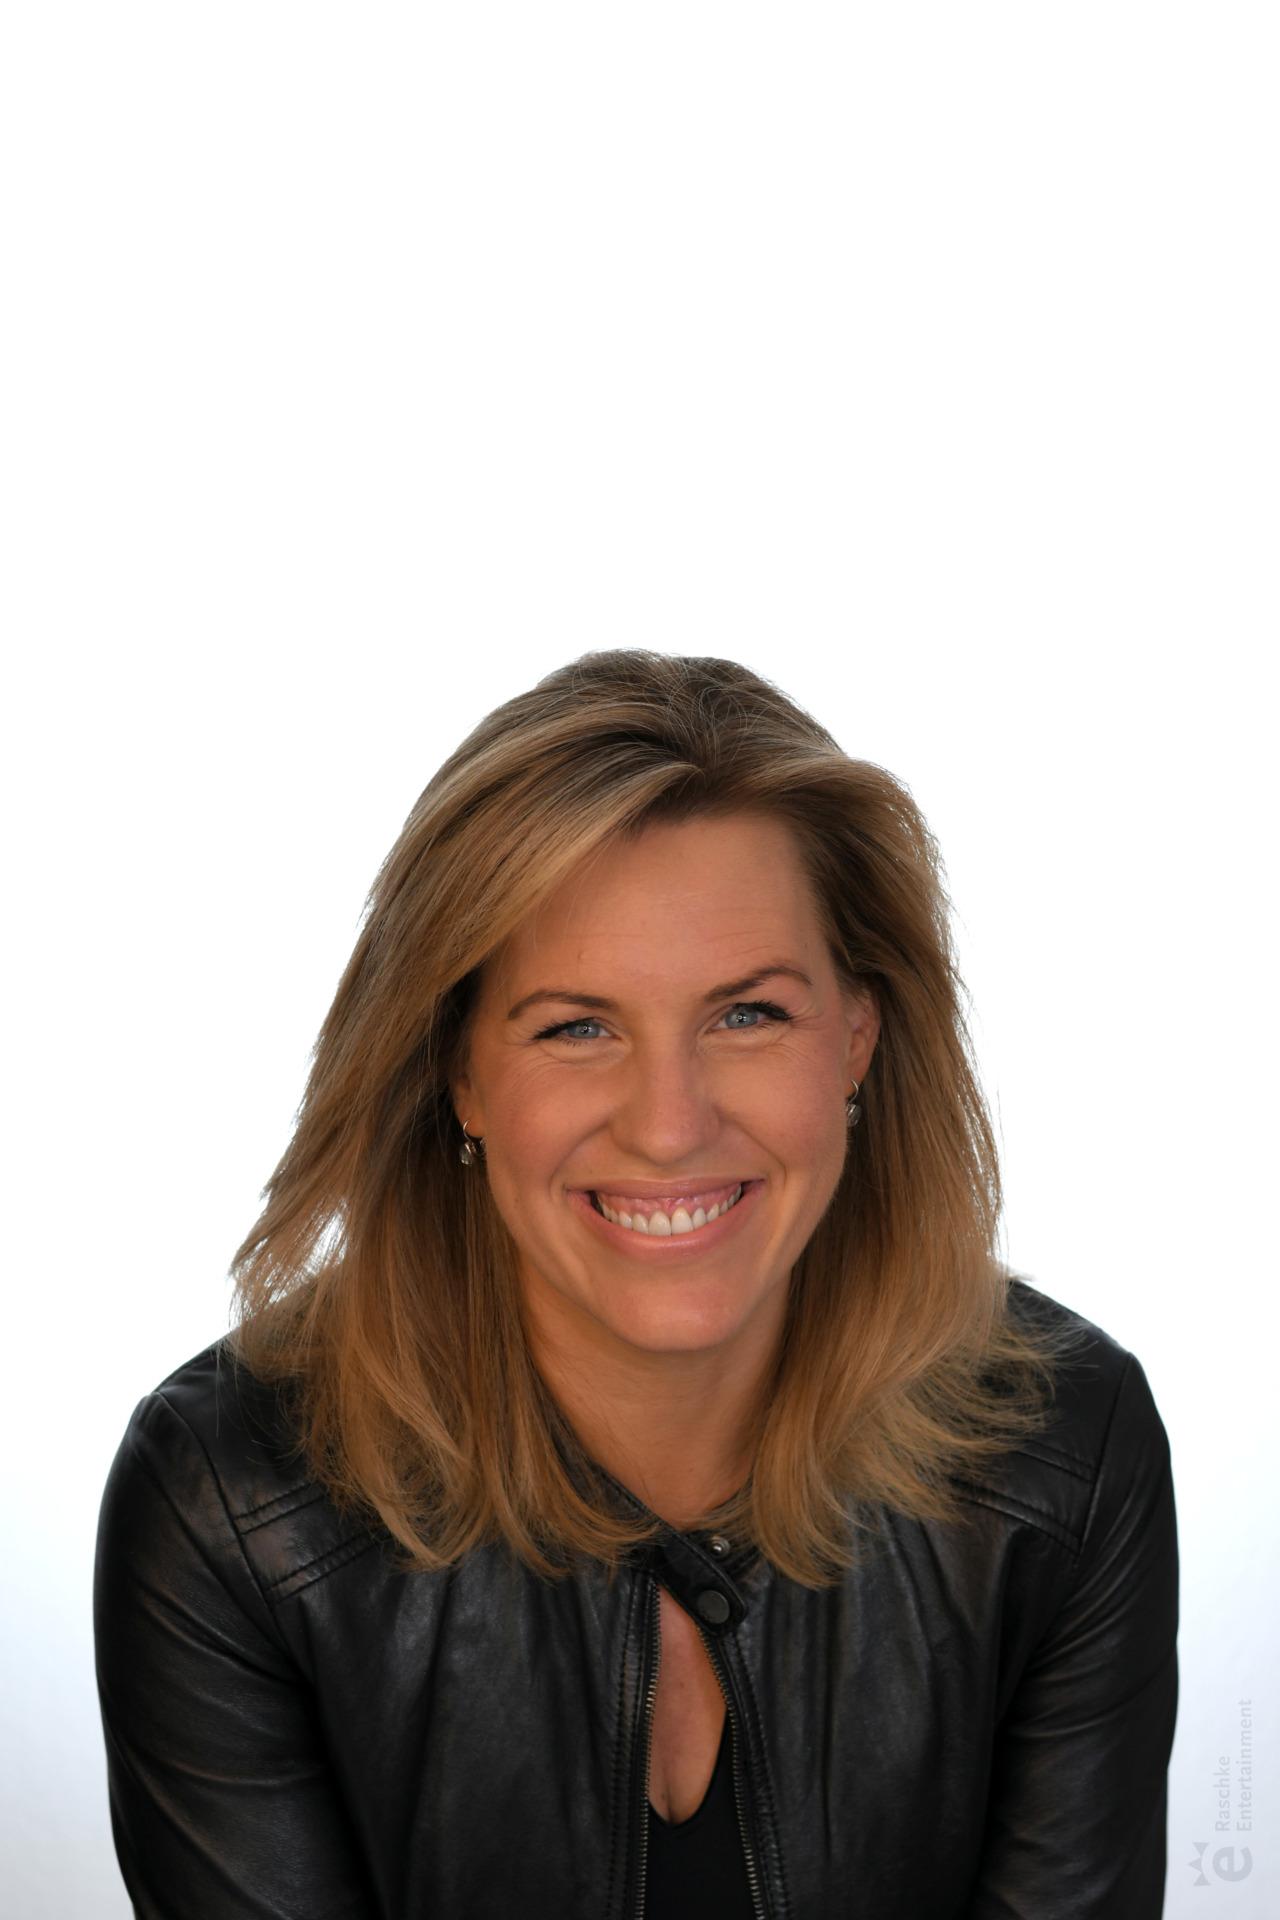 Schlagfertigkeit lernen mit der Schlagfertigkeitsqueen Nicole Staudinger #628